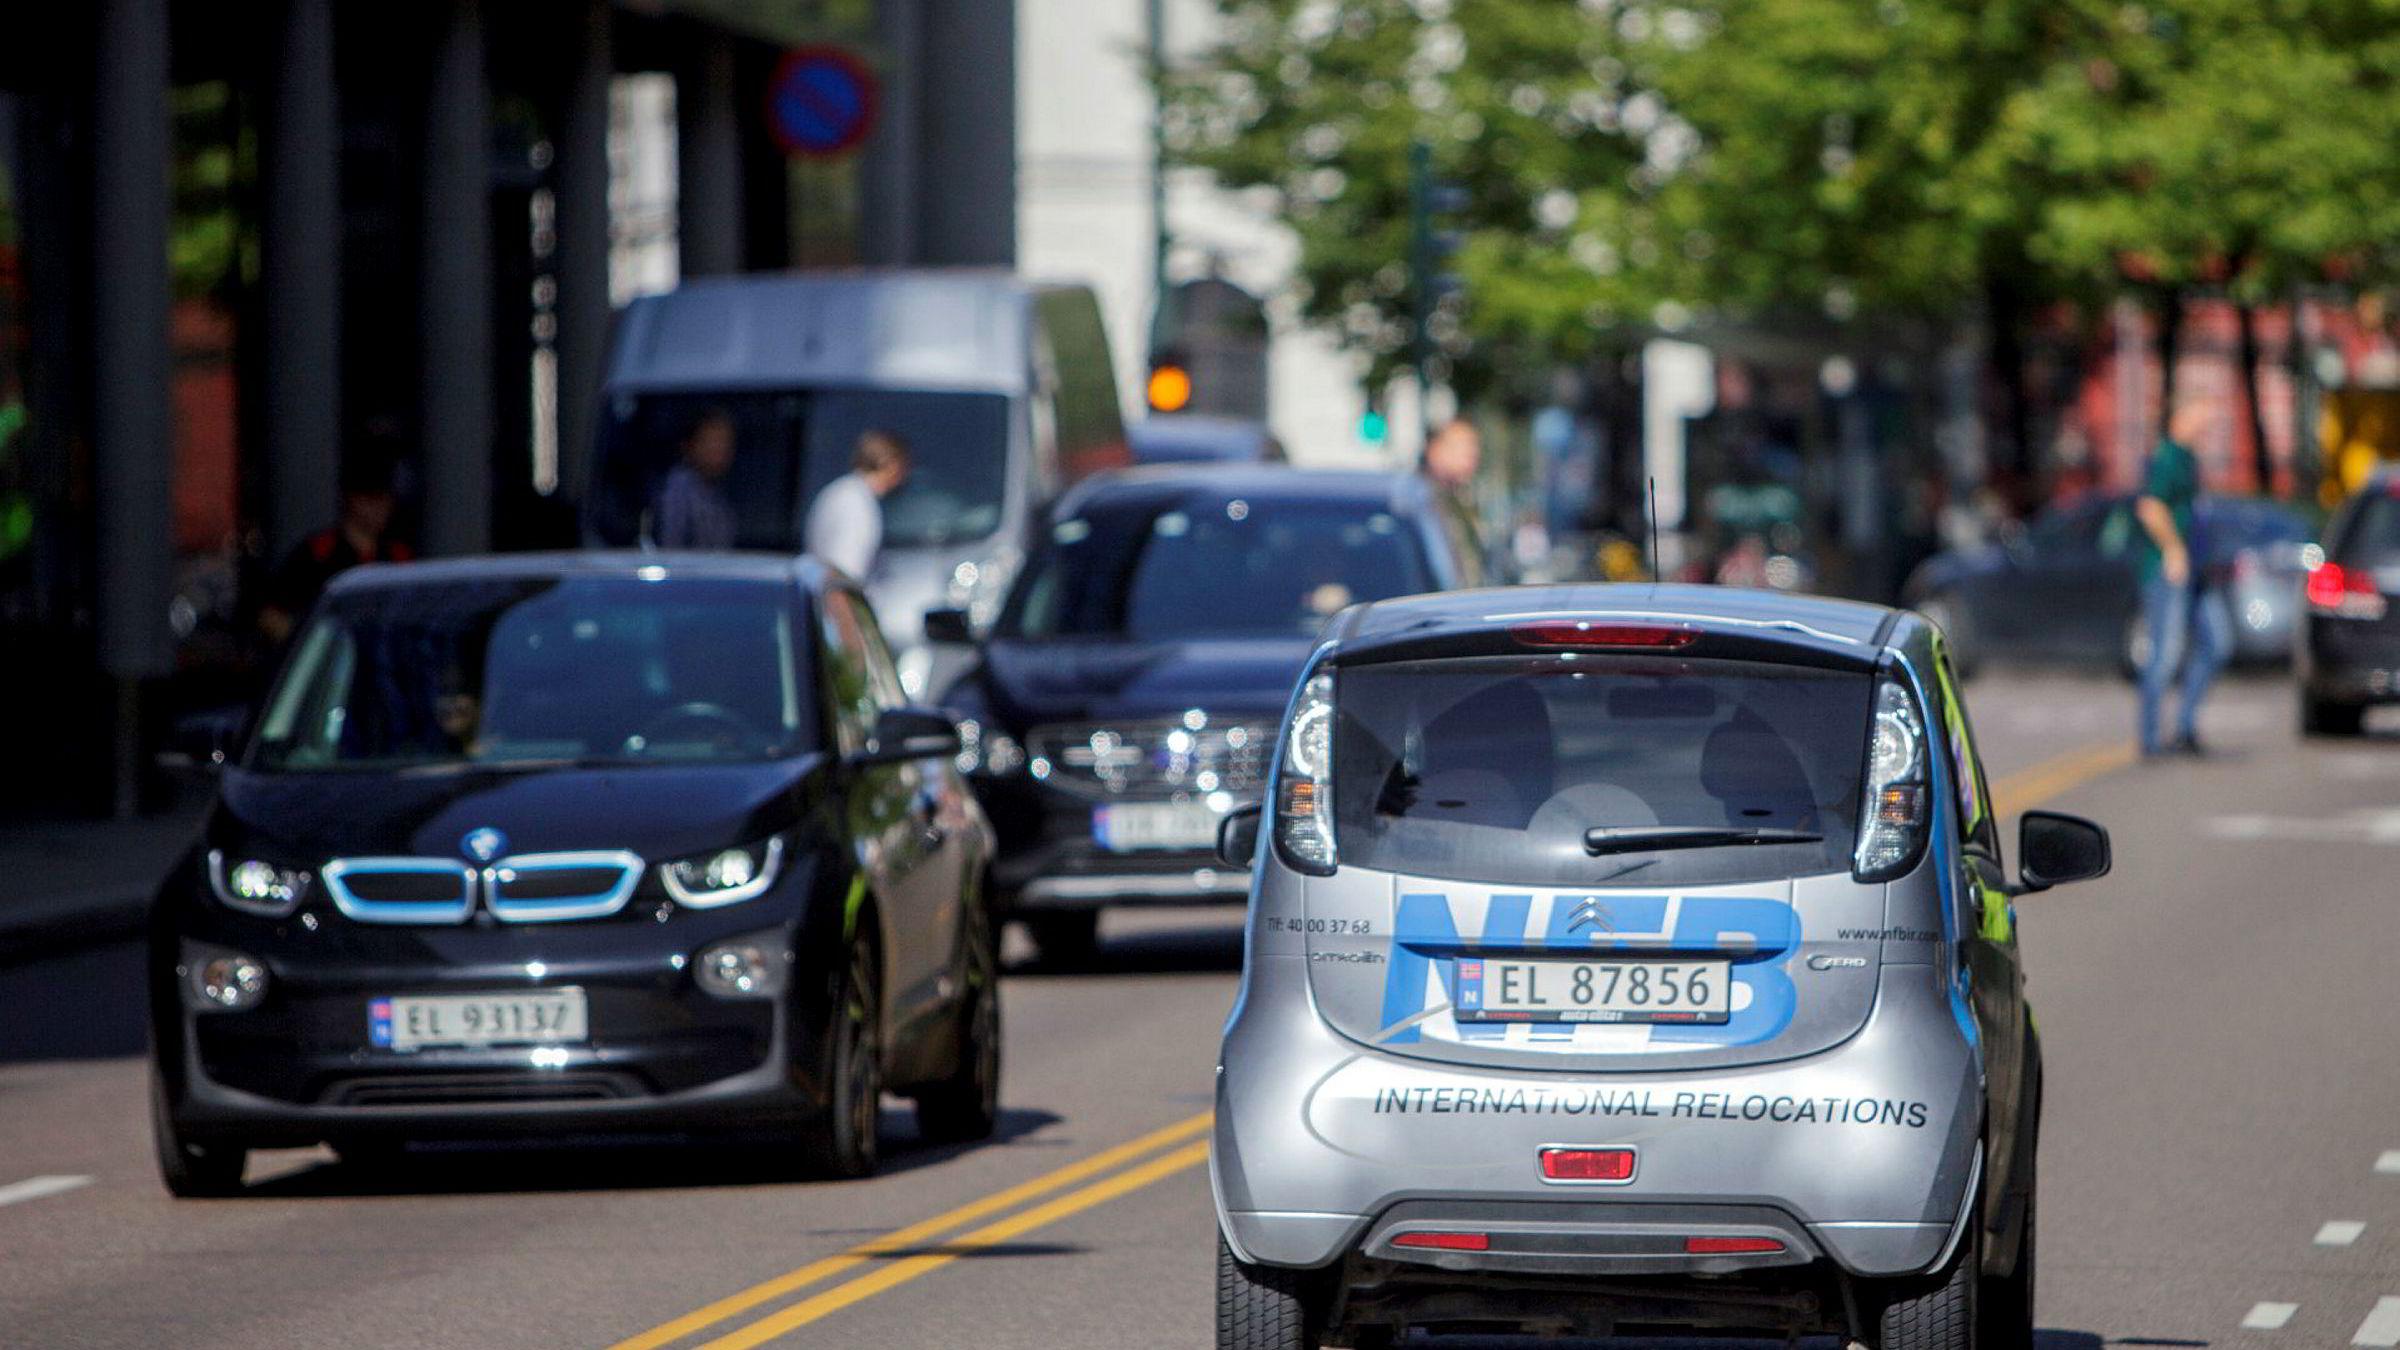 De som velger elbil fremfor bensin- eller dieselbil krever altså en kompensasjon på inntil 280.000 kroner for å gå over til elbil, sier forfatteren.